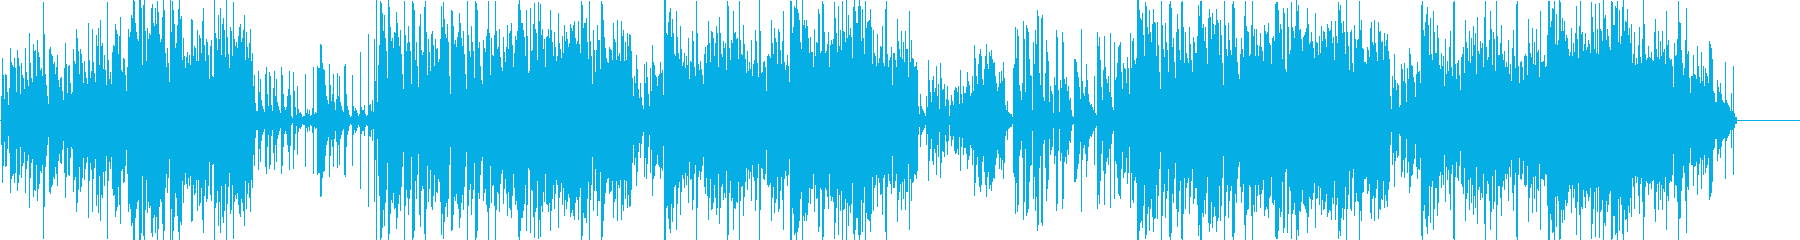 ベースが印象的な疾走感あるジャズの再生済みの波形